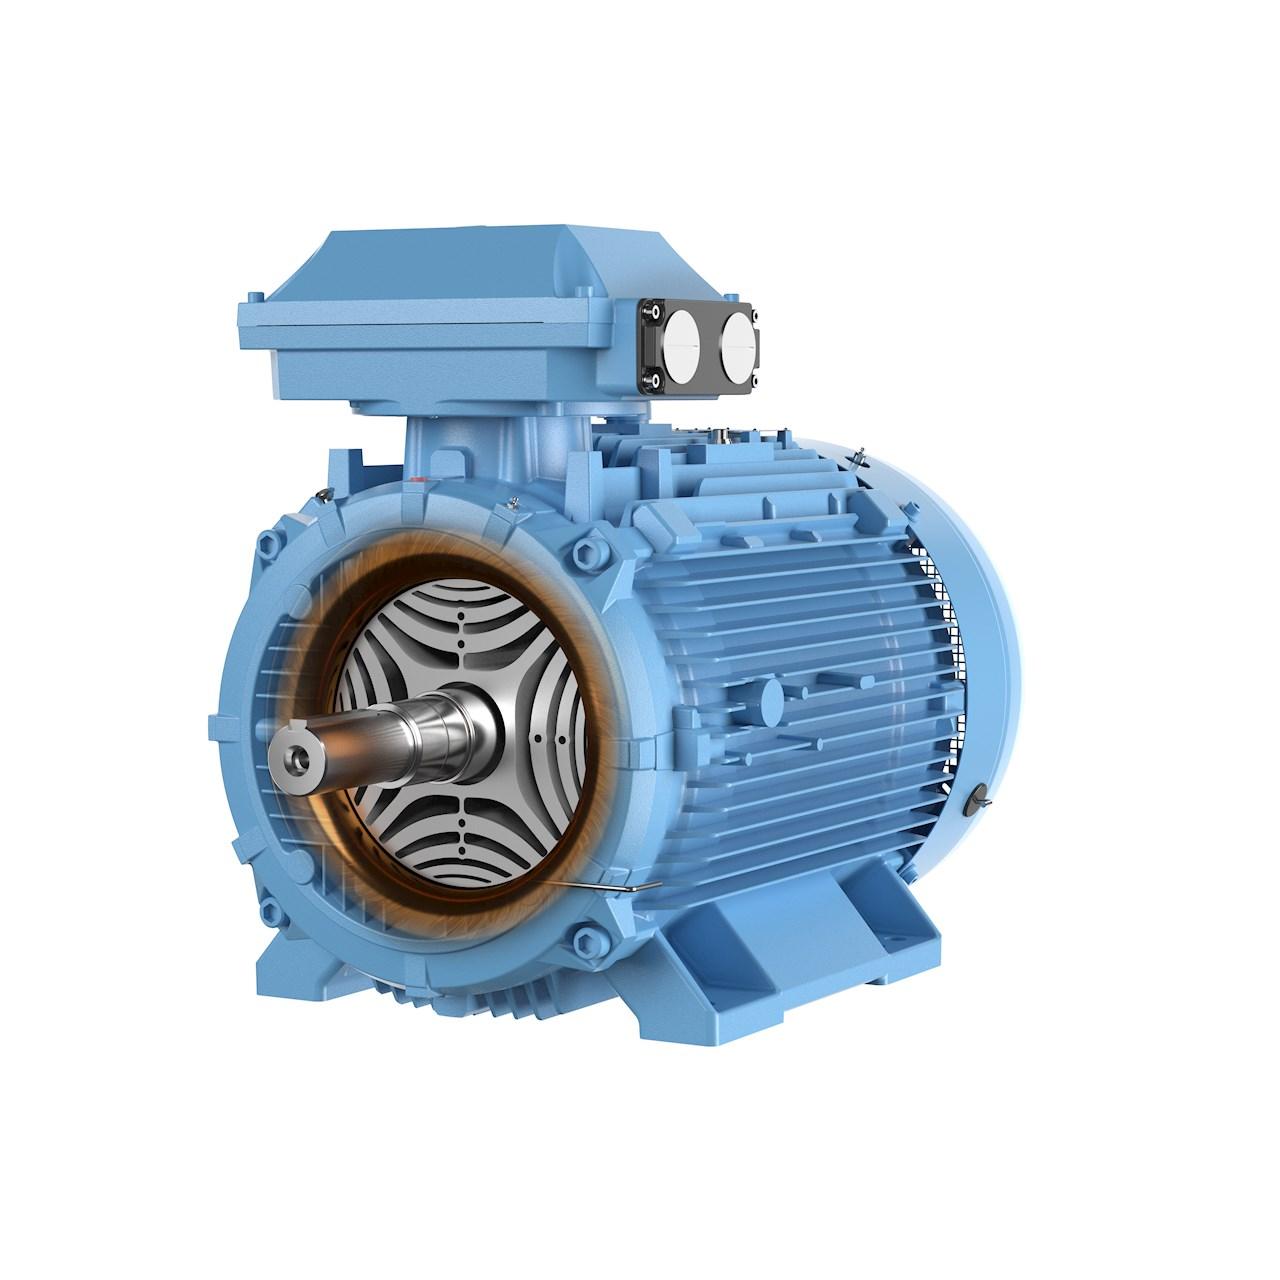 Le moteur SynRM d'ABB dans la catégorie d'efficacité énergétique ultra-premium IE5